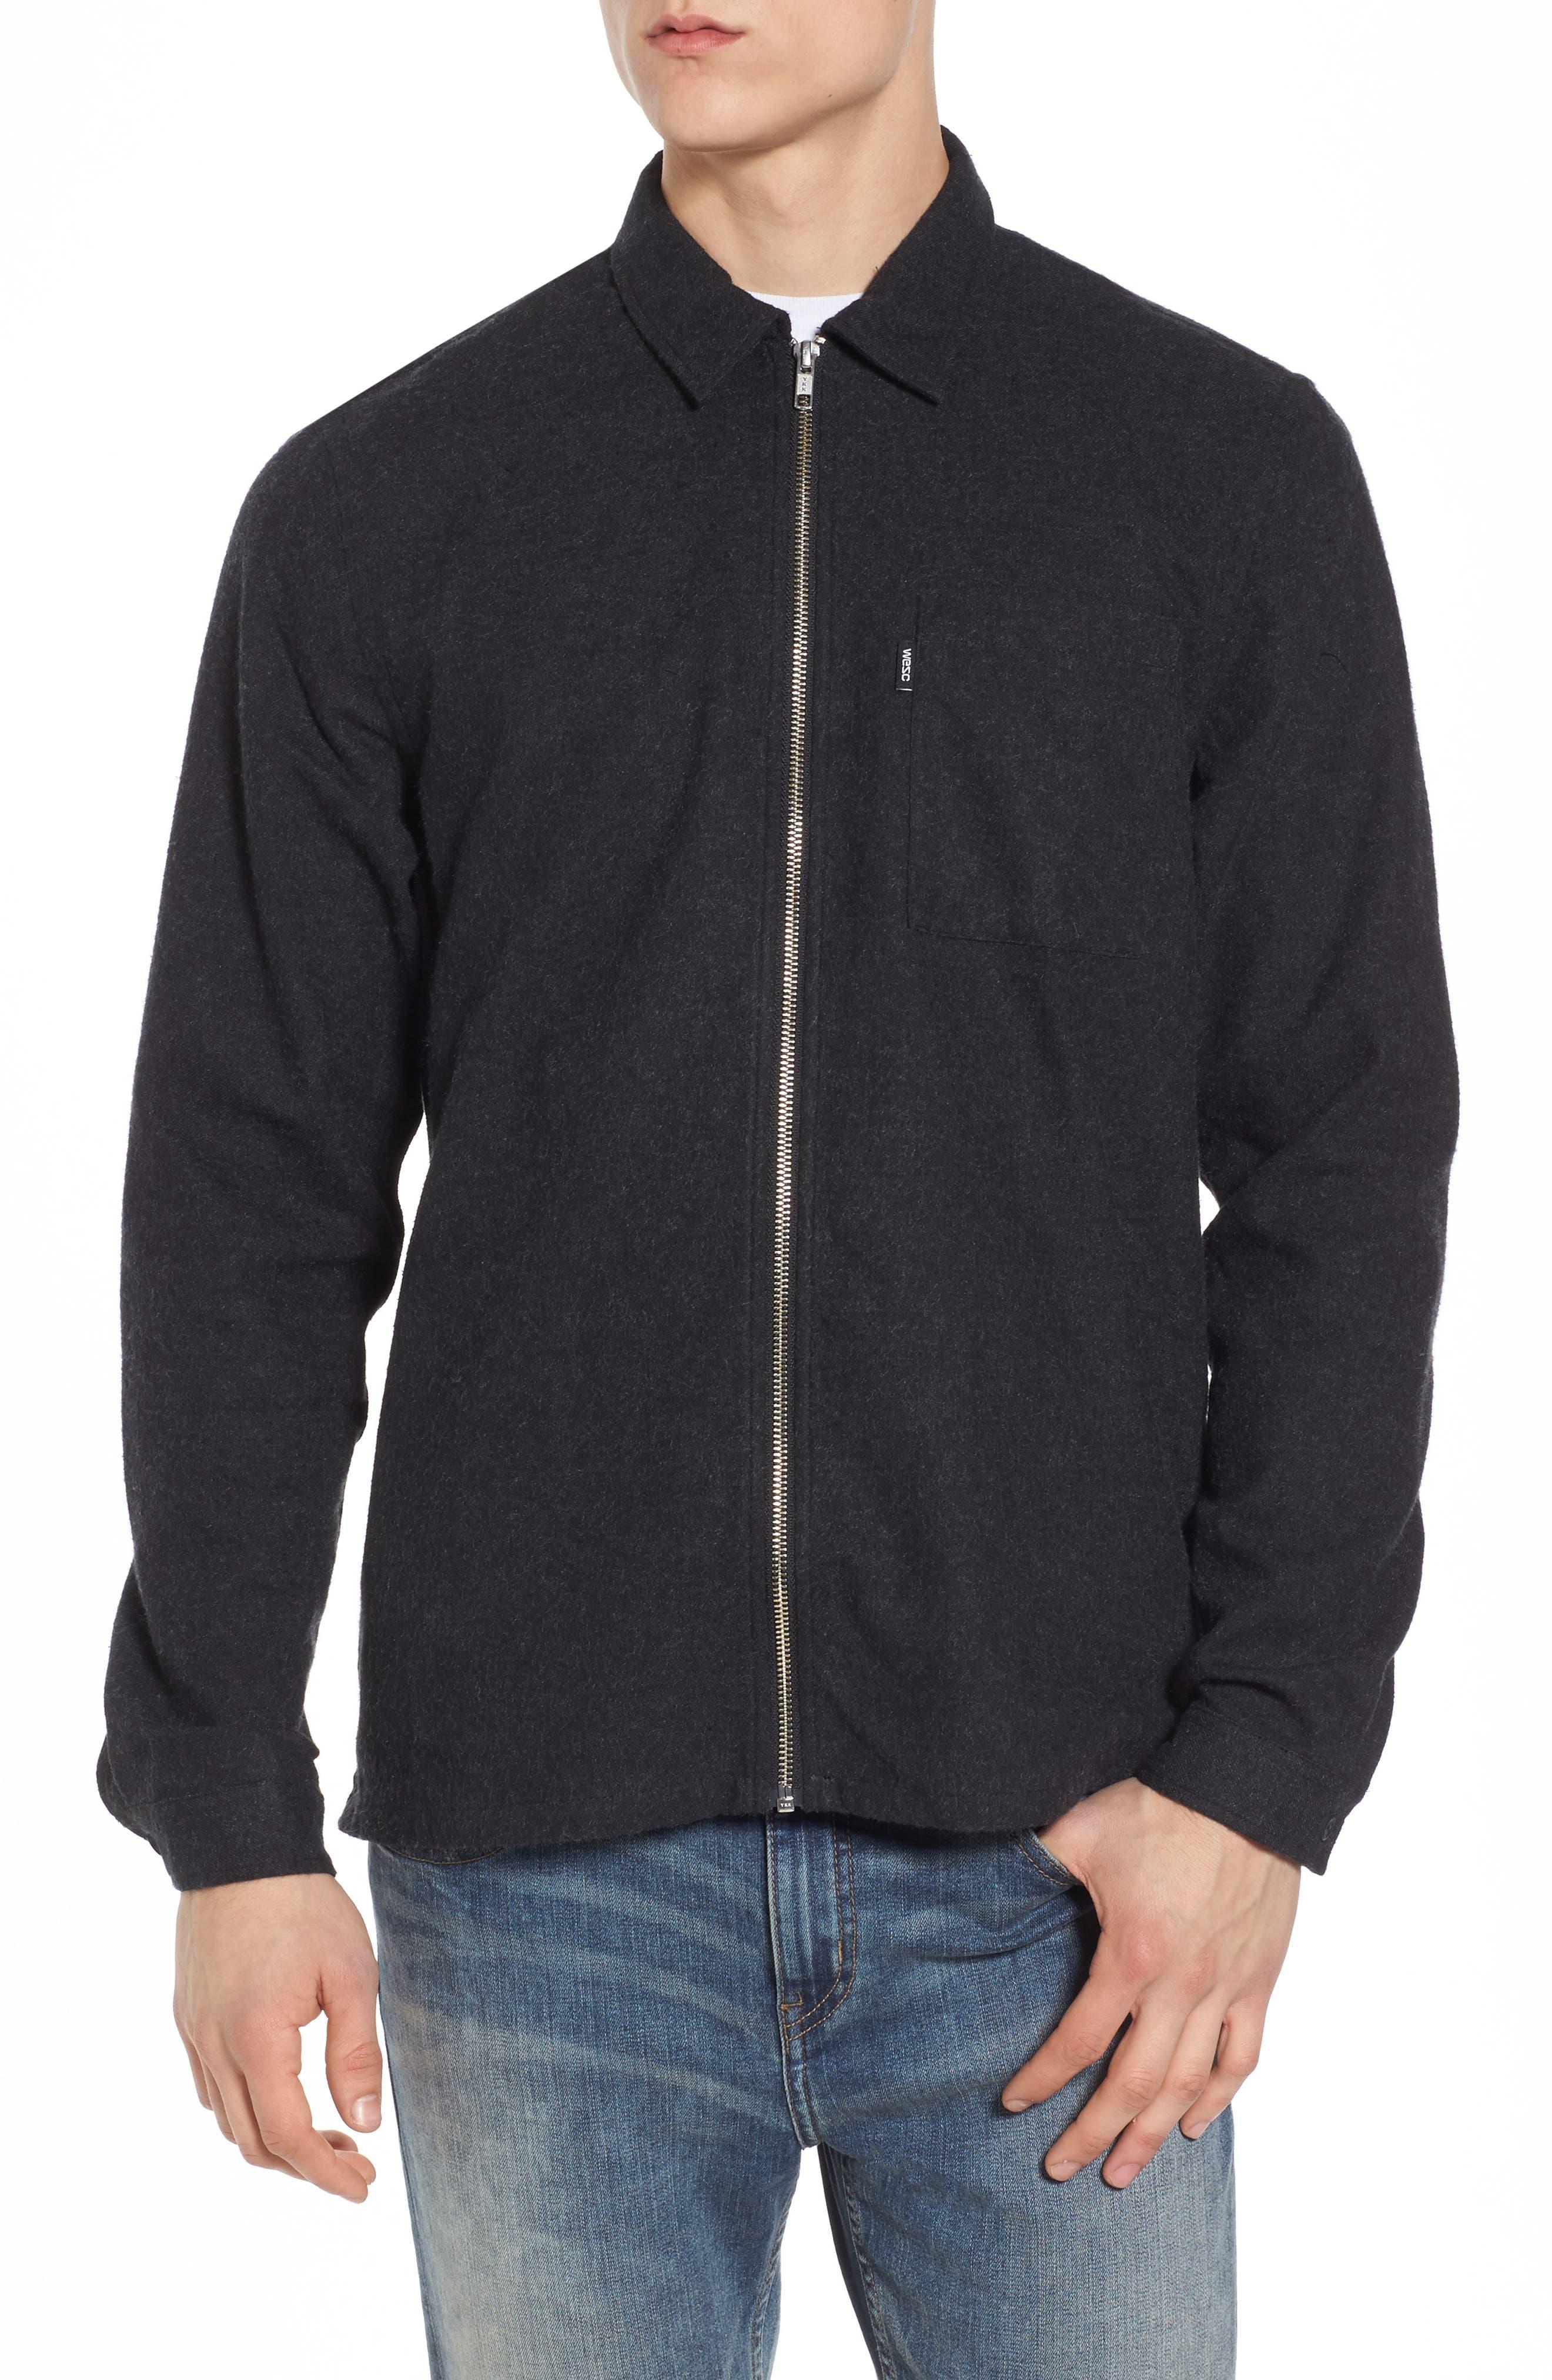 Nicks Flannel Zip Overshirt,                         Main,                         color, 001